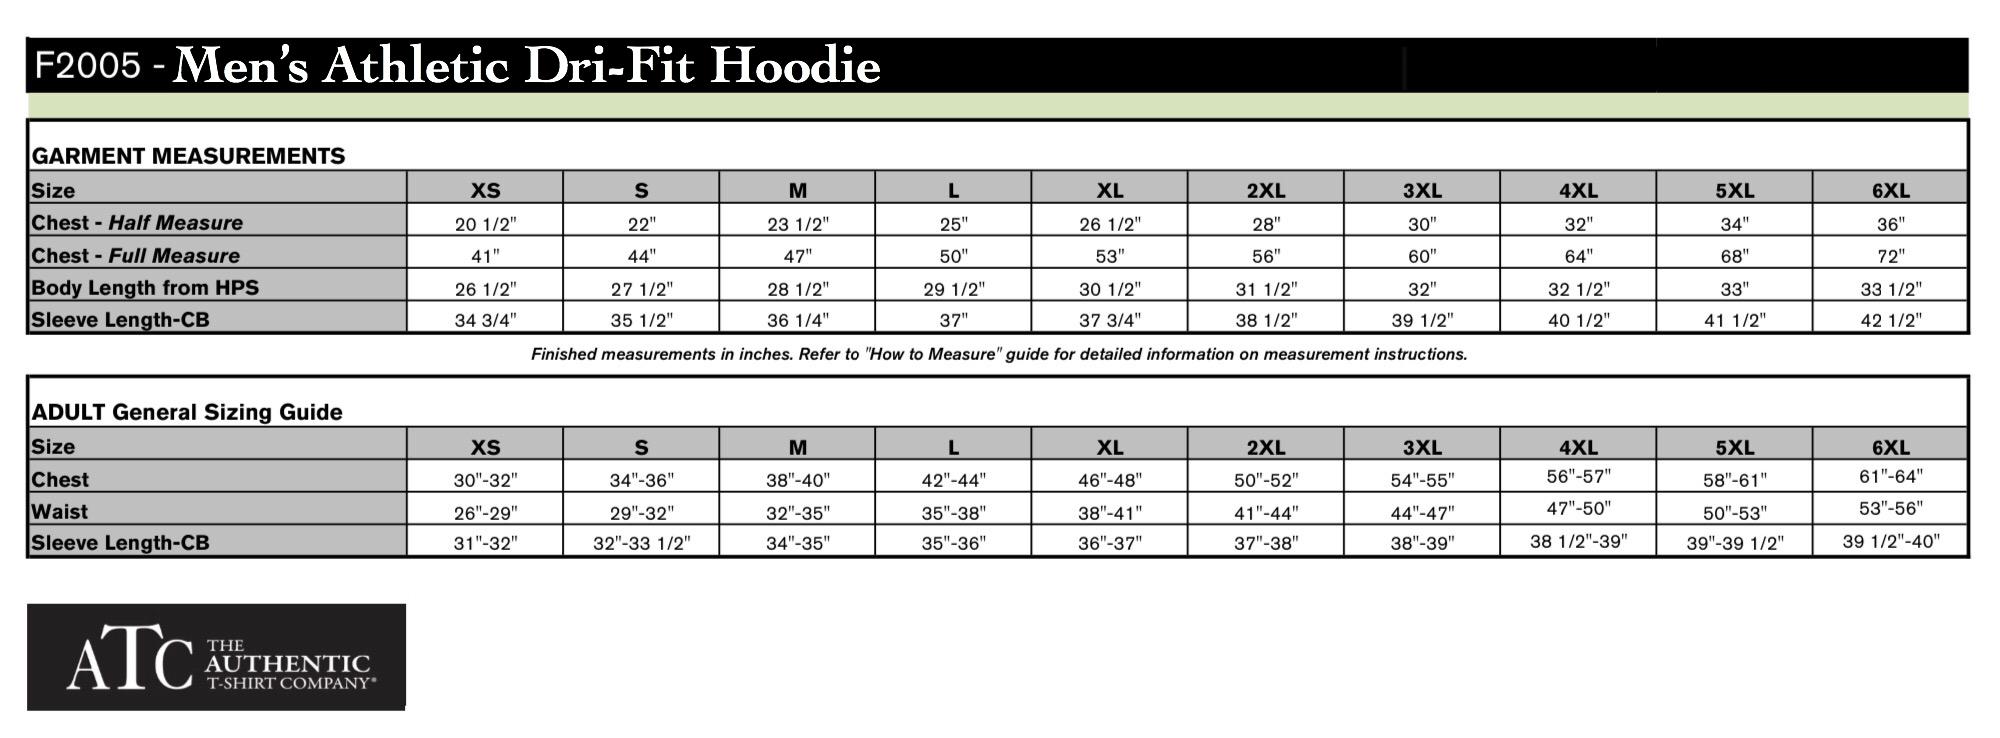 Men's Athletic Dri-Fit Hoodie